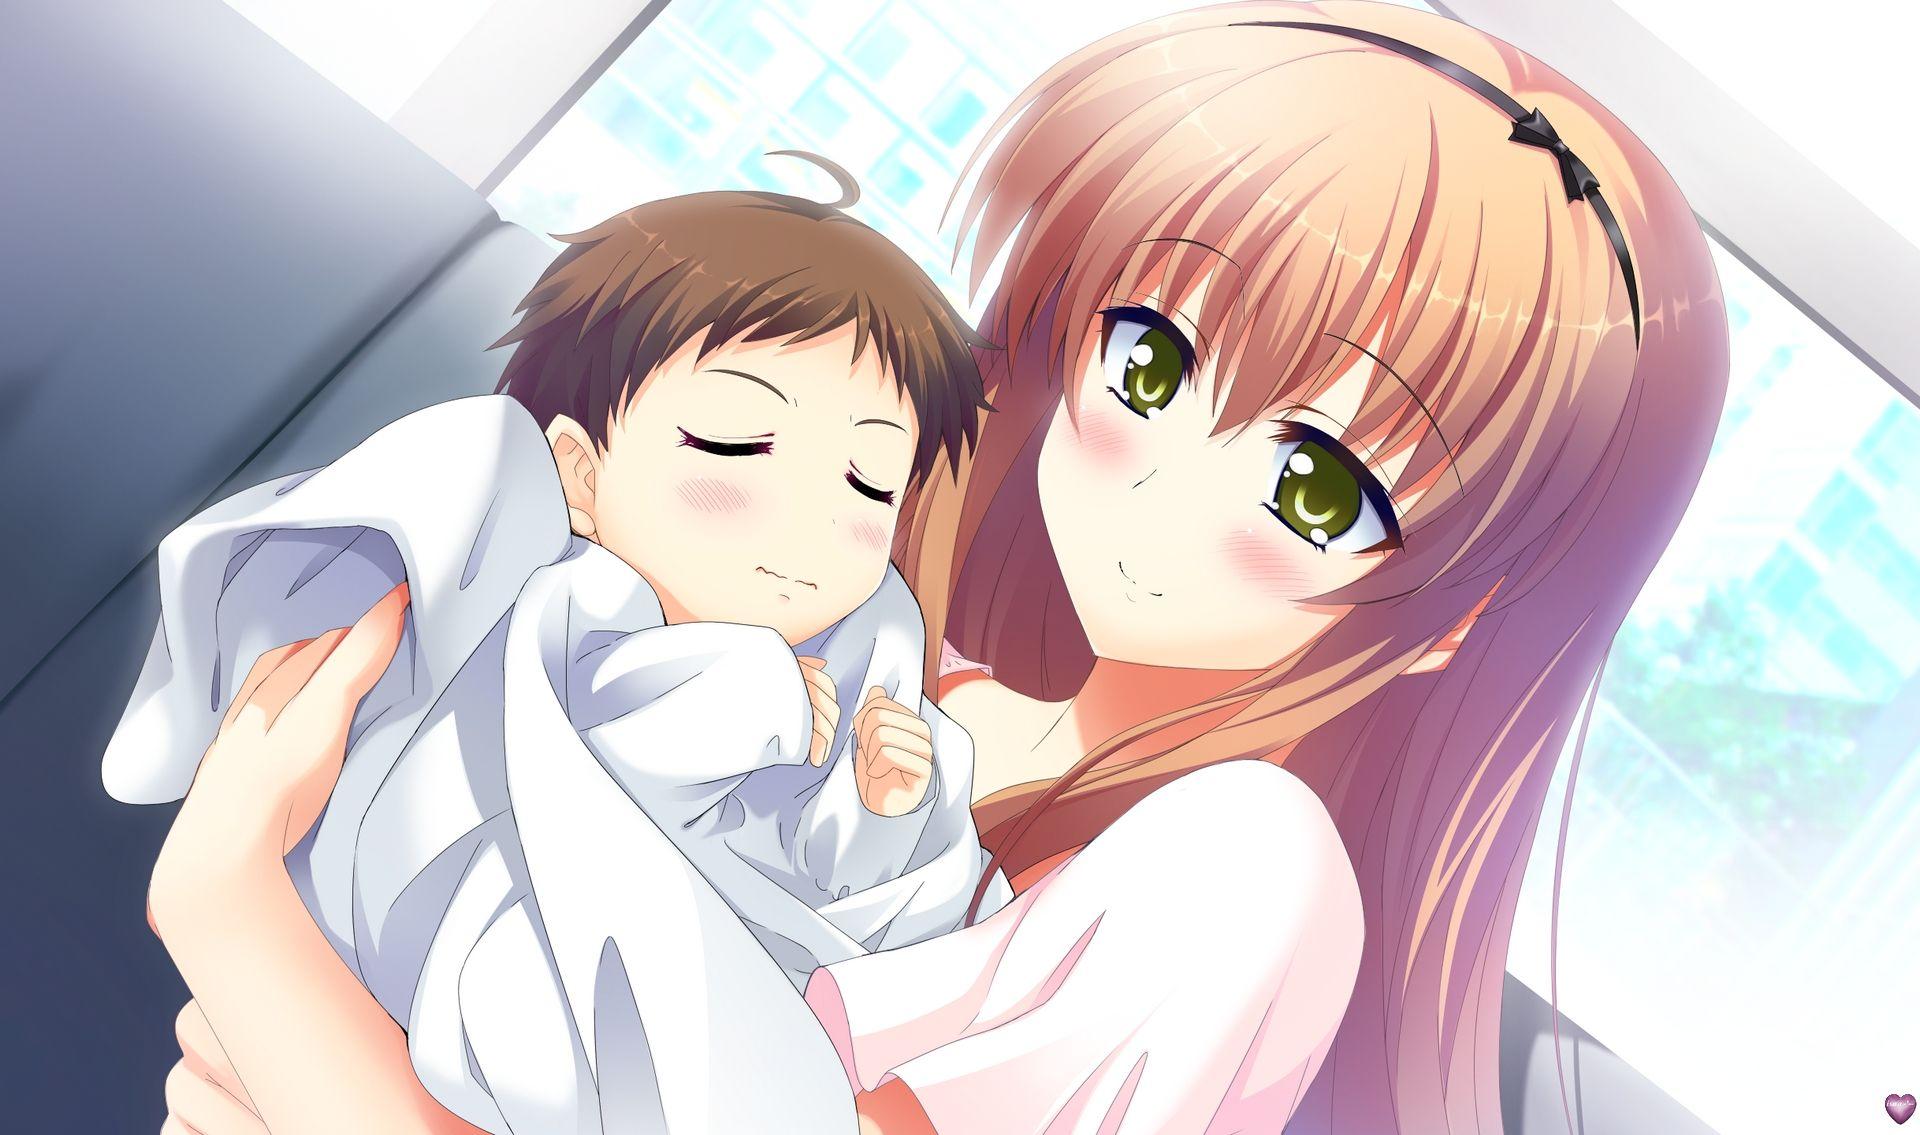 Manga et enfant - Image femme manga ...